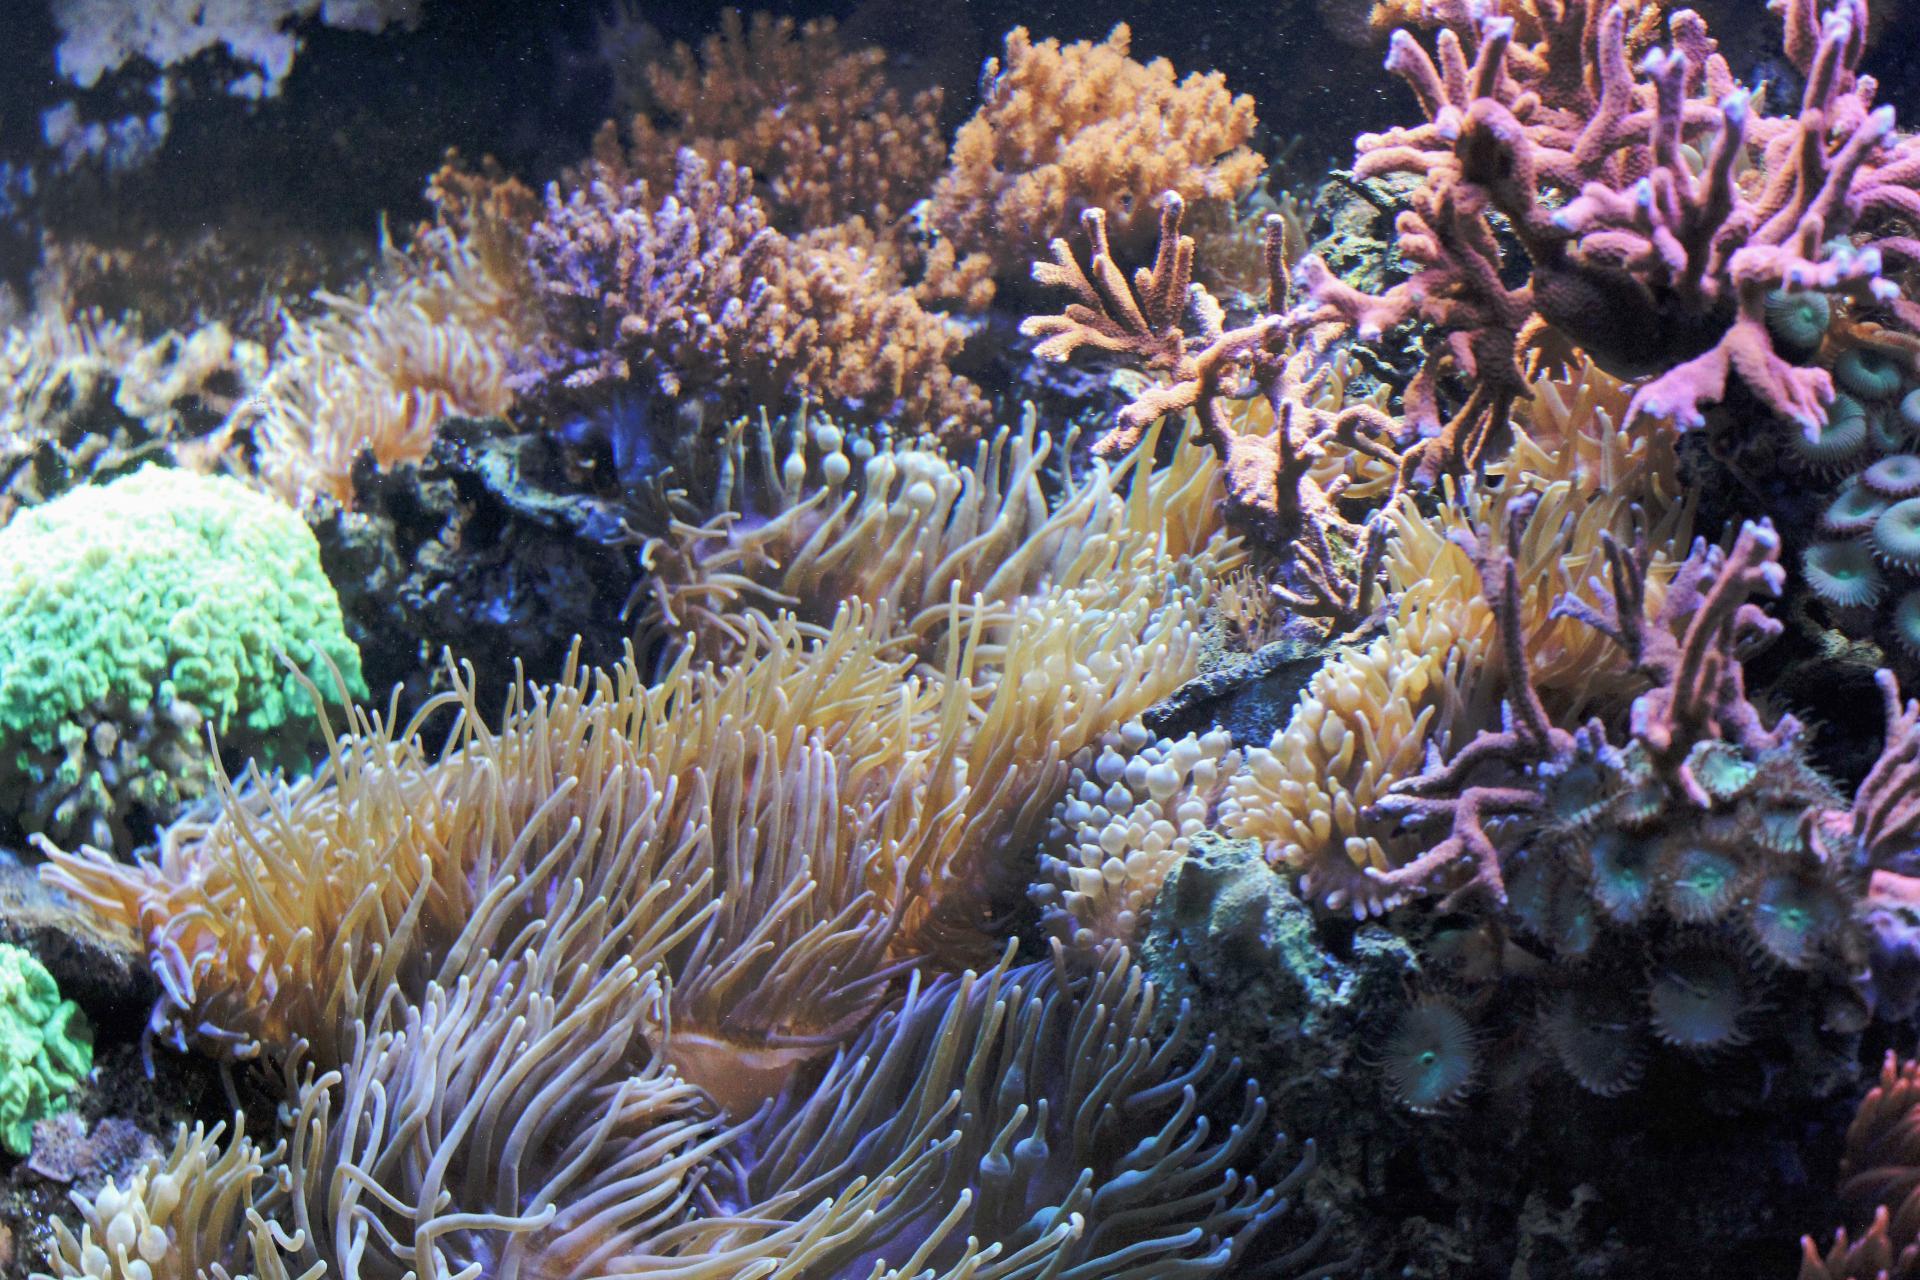 aquarium wasserbillig visit moselle luxembourg